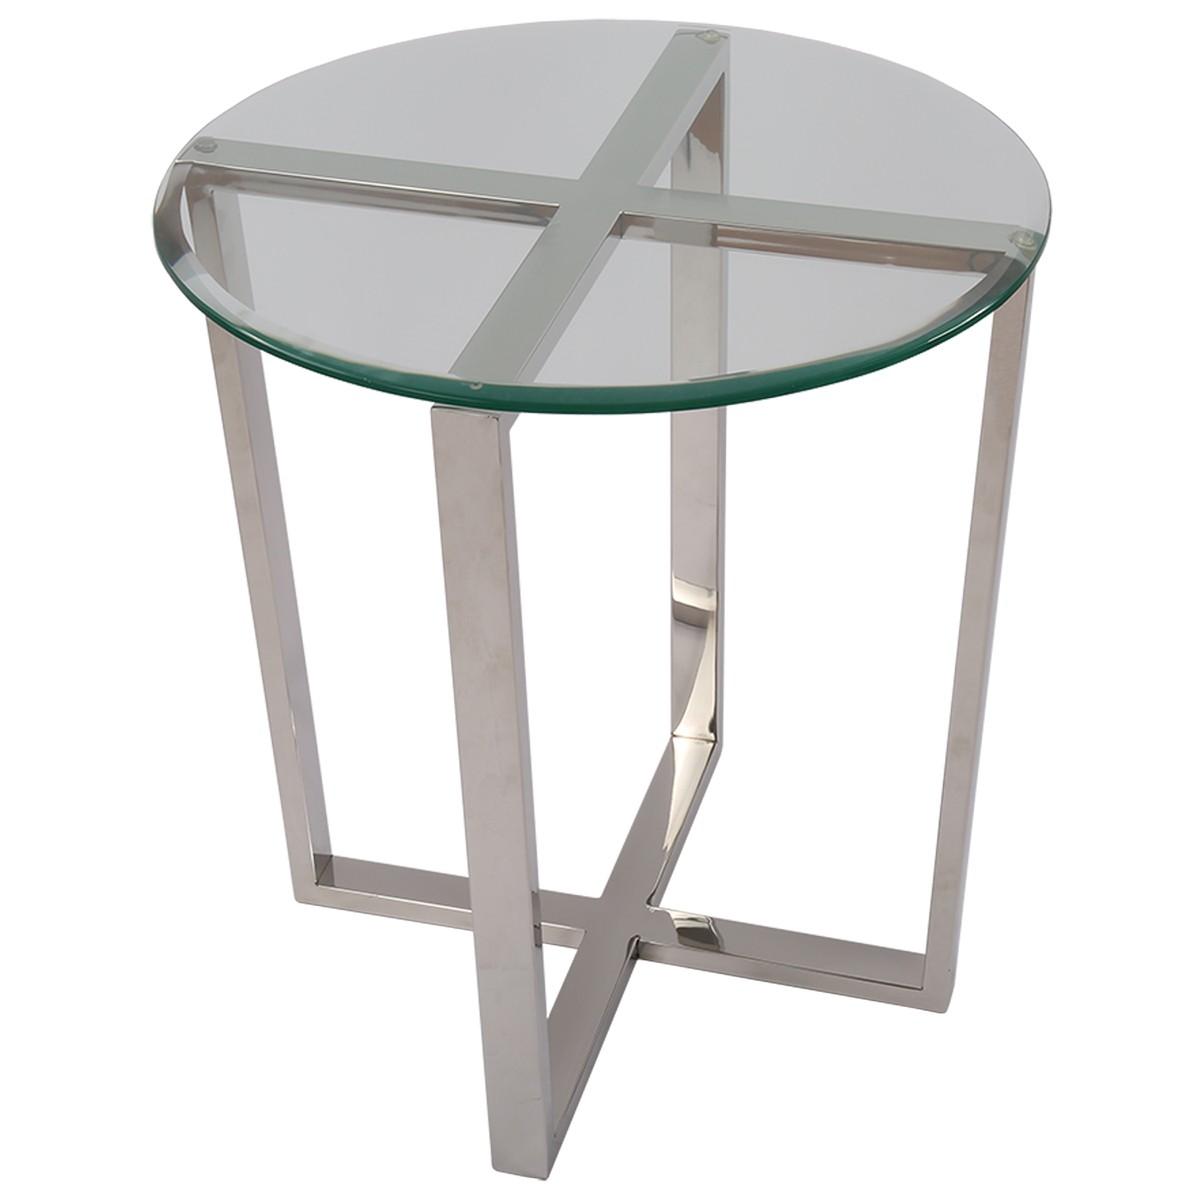 Beistelltisch rund Glas-Metall, Tisch Glas verchromt Metall, Höhe 61 cm